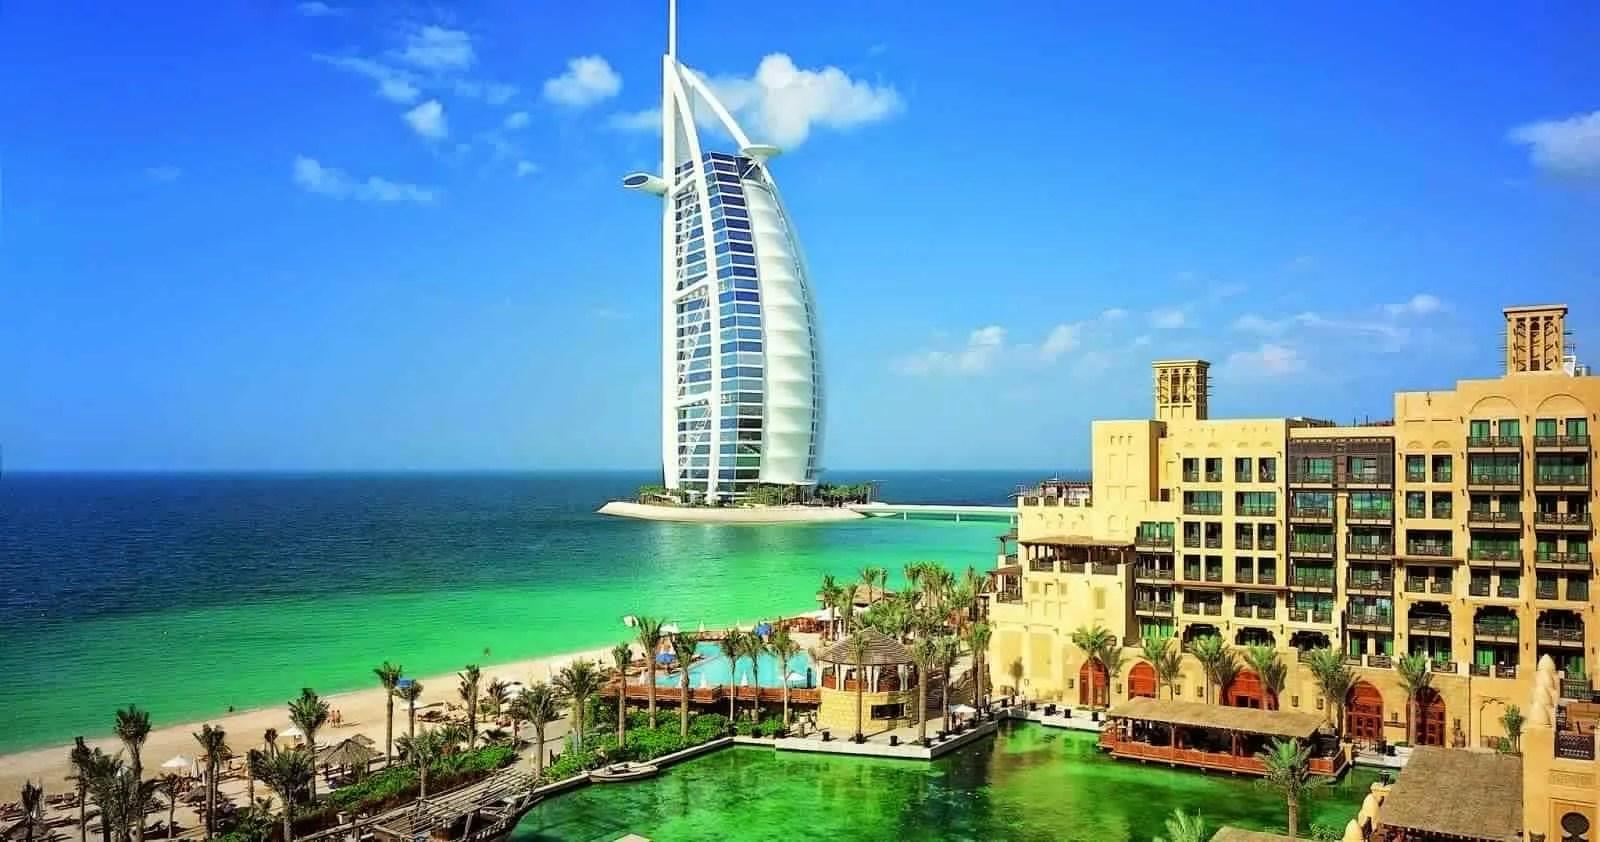 أفضل اماكن سياحية في دبي للعائلات 2019 فيو دبي